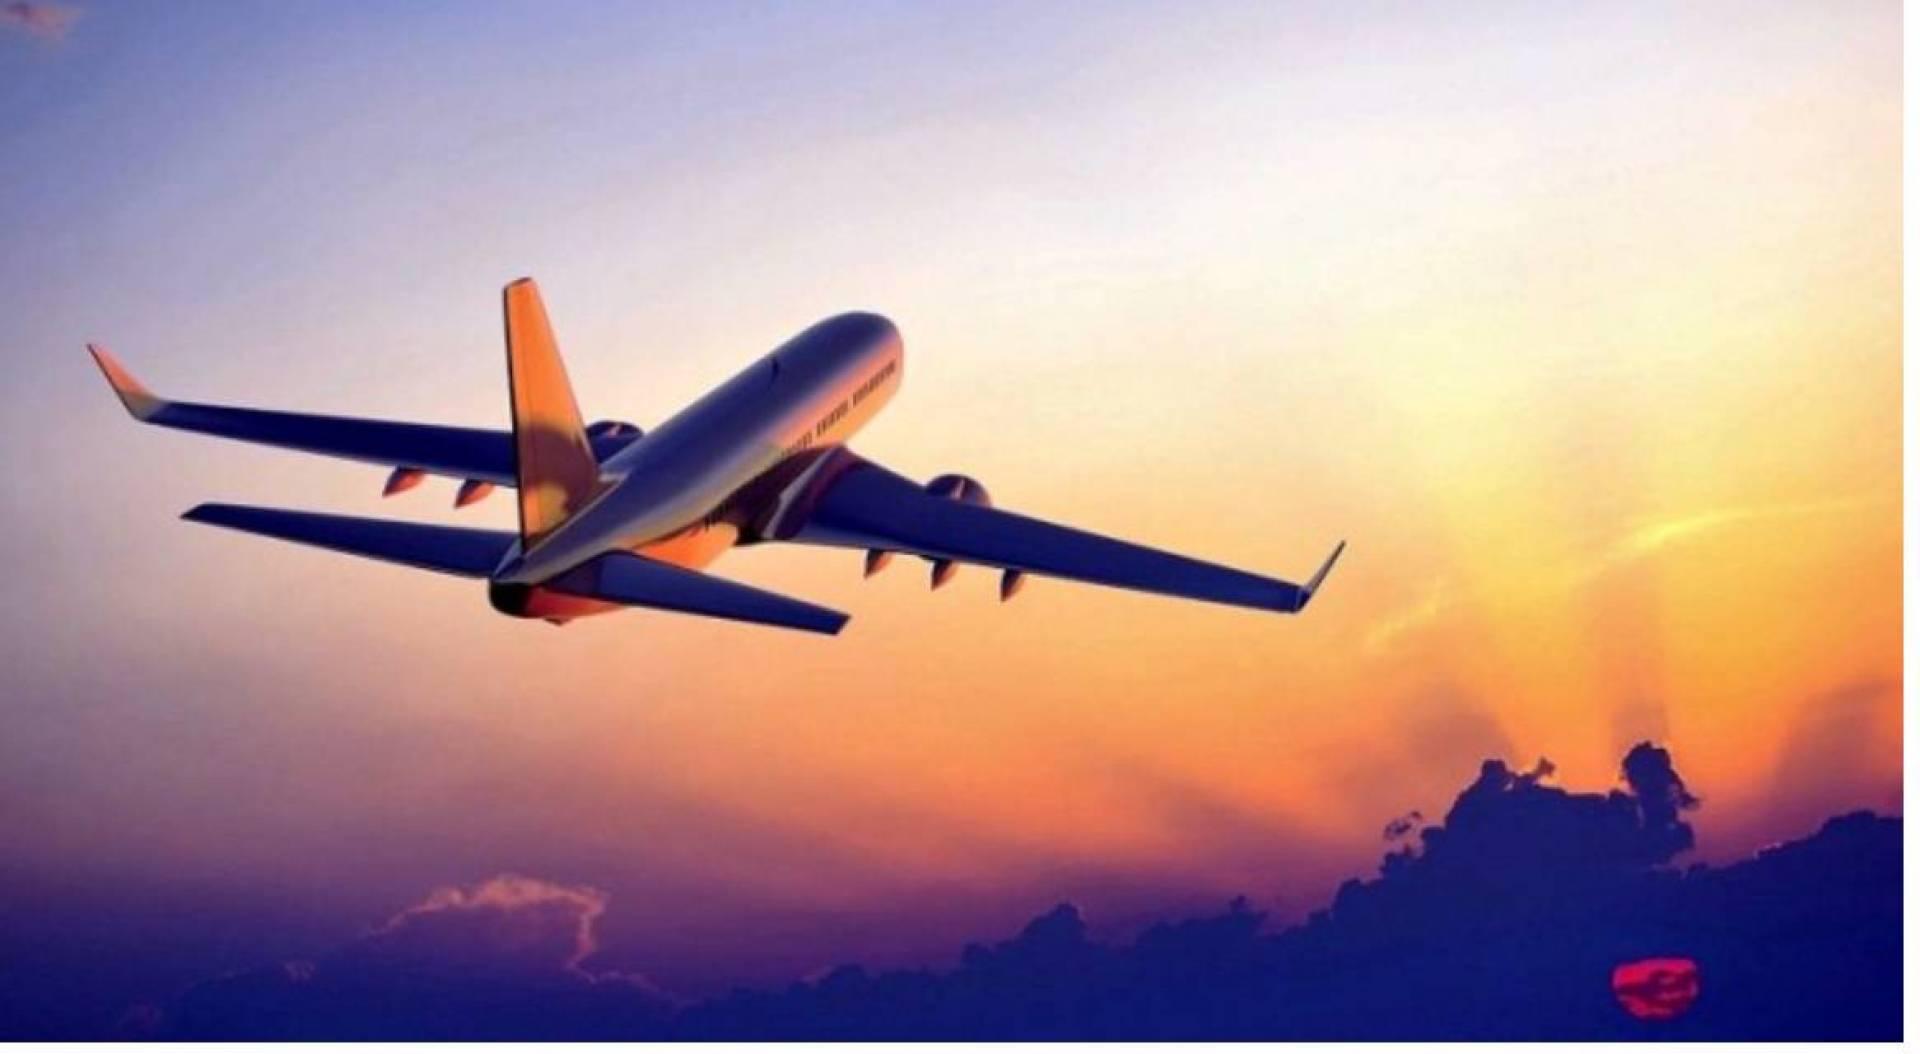 شركات الطيران تبتز المسافرين إلى أوروبا بعد الإغلاق المفاجئ